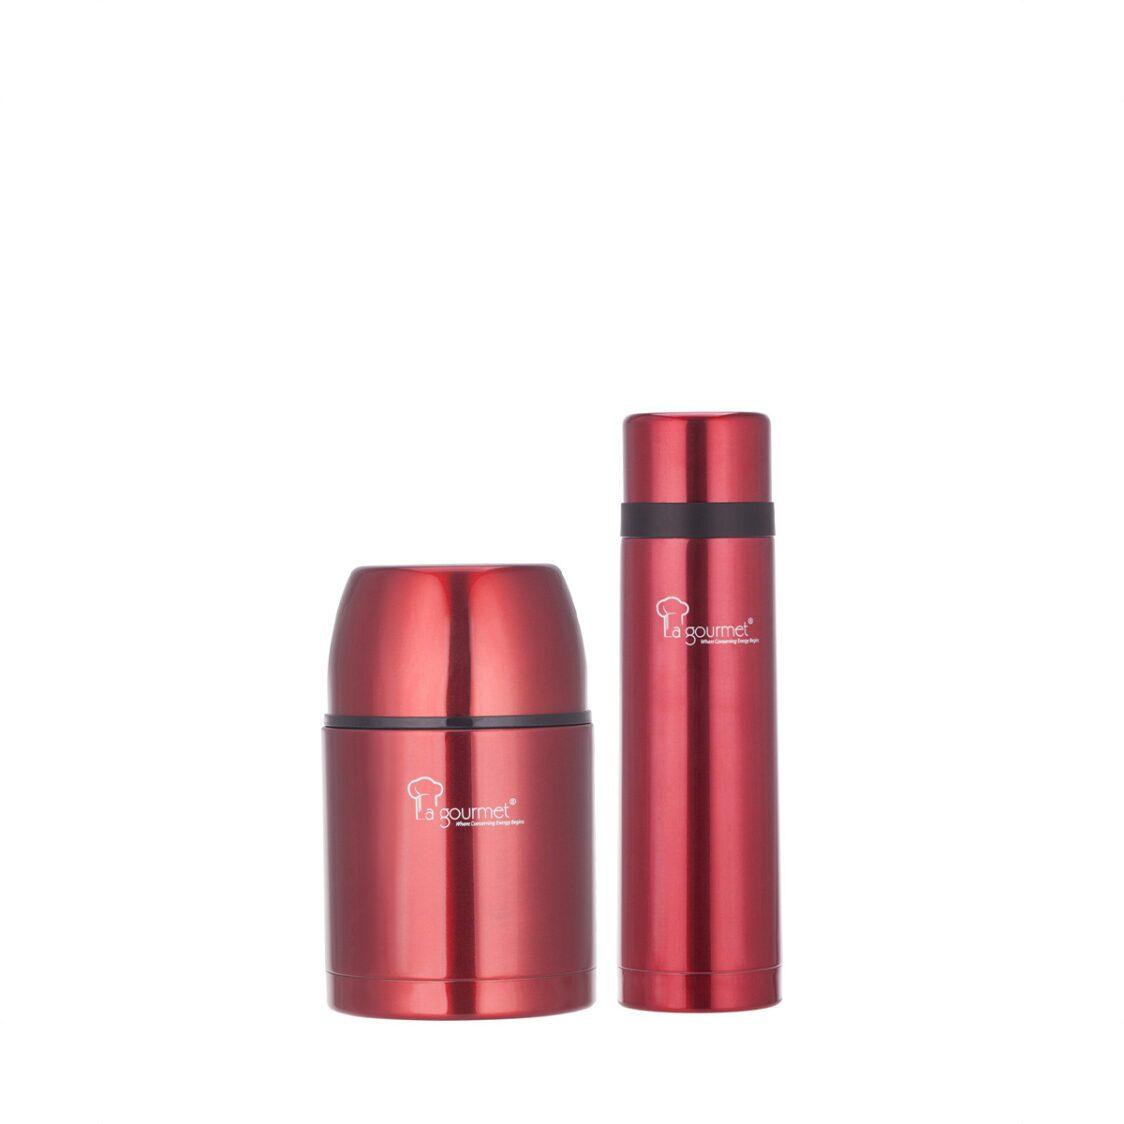 La Gourmet Red 07L Thermal Pot  05L Thermal Flask                   LGRG353153  LGRG353115